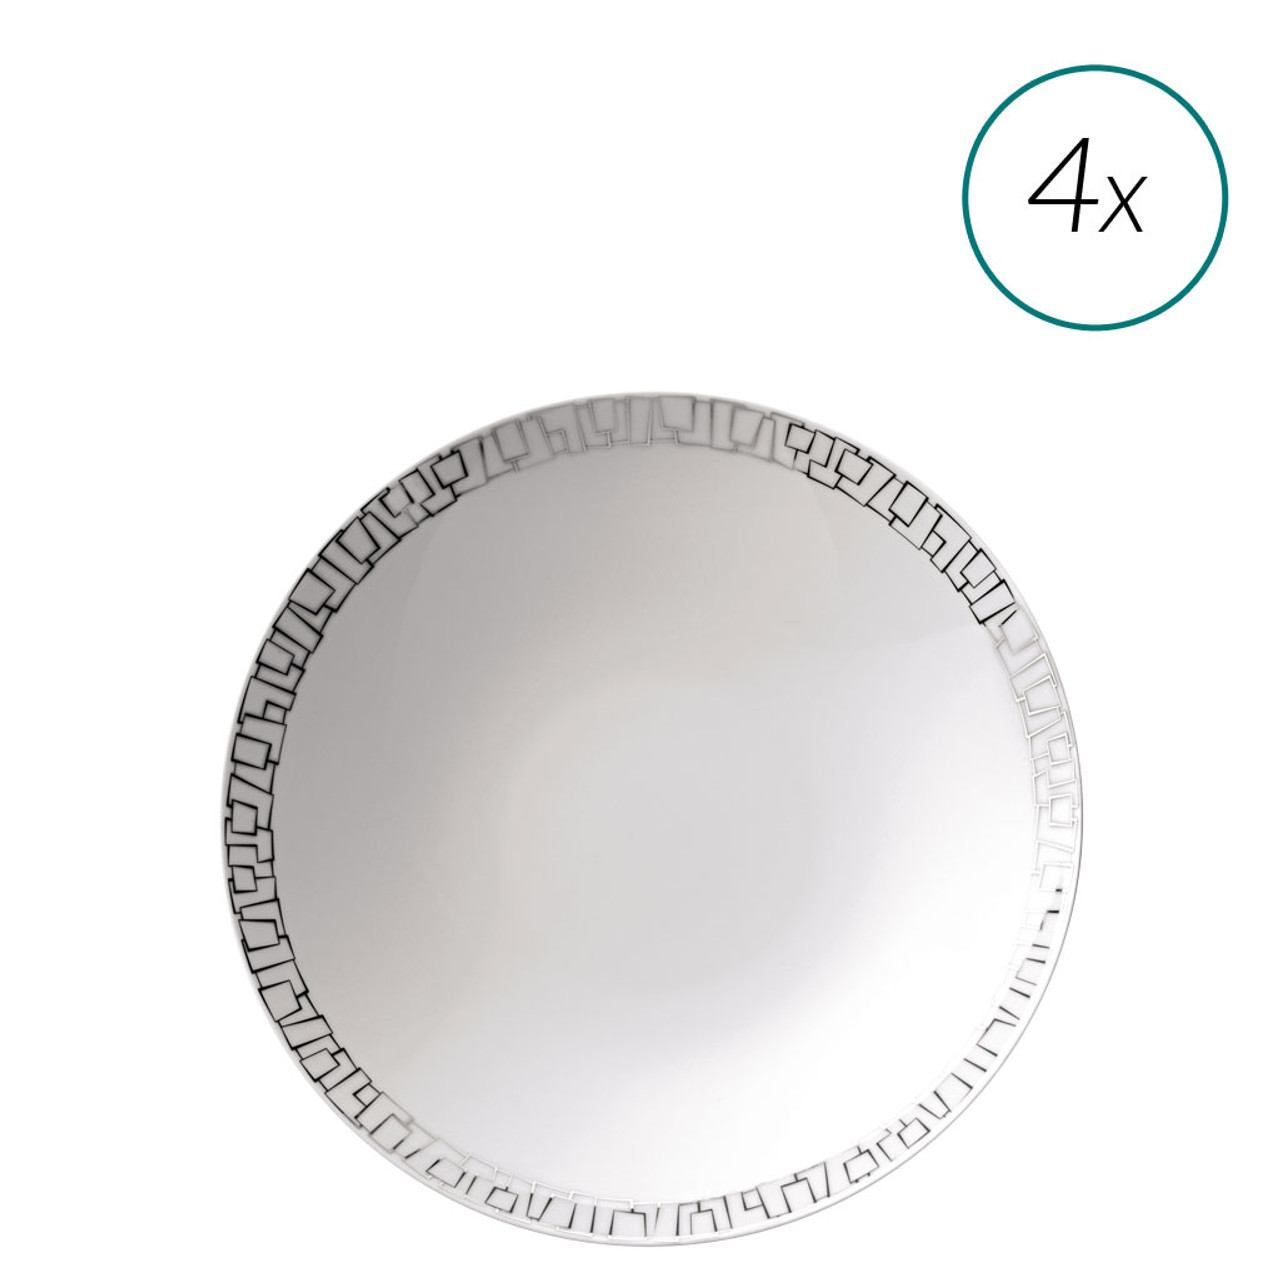 Soup Plates Set 4 pieces 9 1/2 inch | TAC 02 Skin  sc 1 st  Rosenthal & Soup Plates Set 4 pieces 9 1/2 inch | TAC 02 Skin Platinum ...